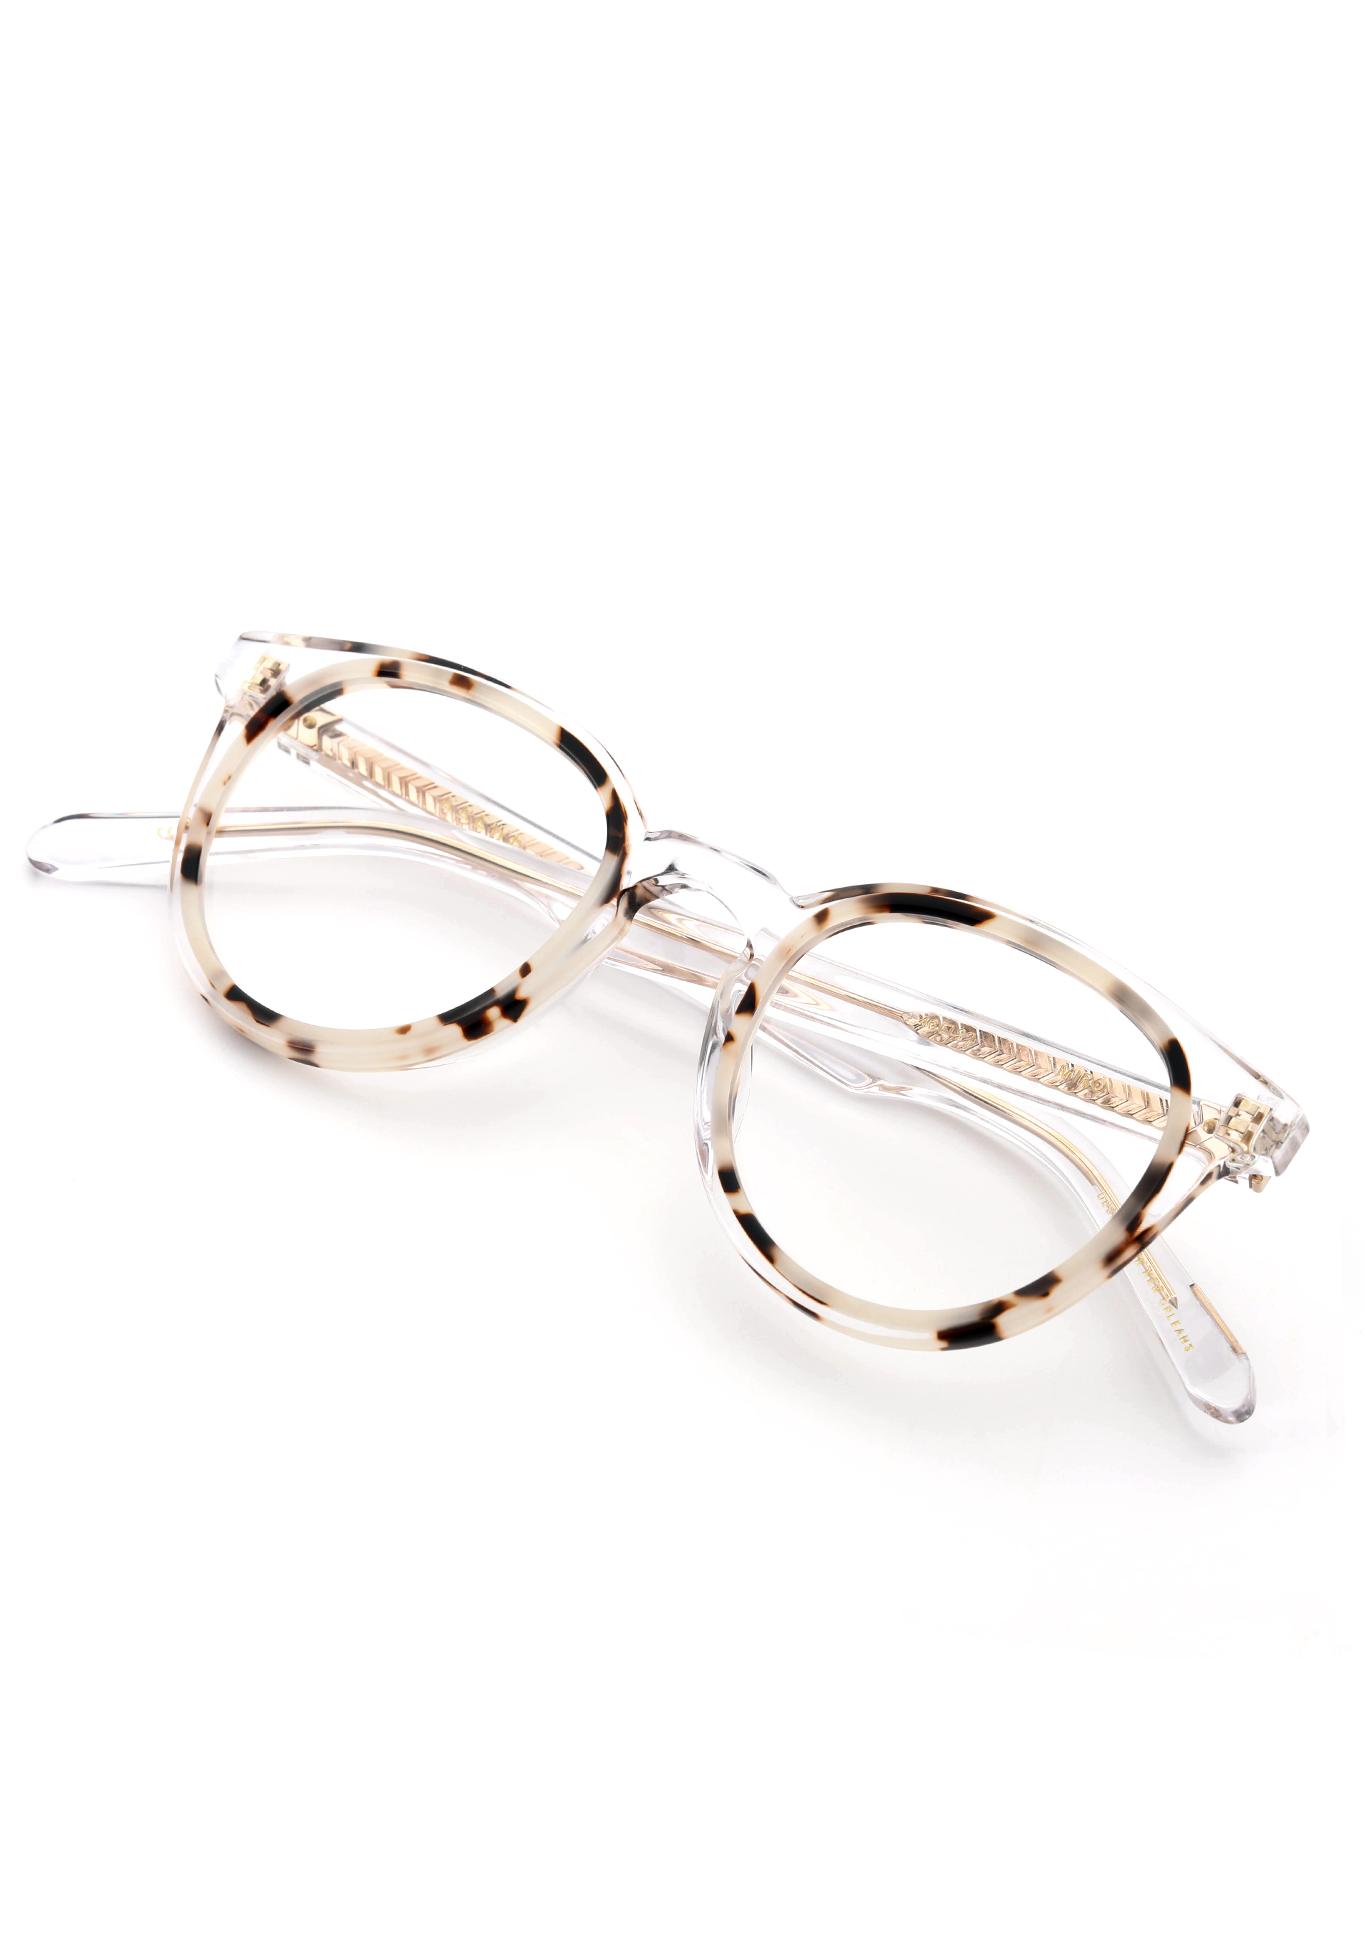 Photo of KREWE MIRO – Kristall zur Auster – Herren- / Damenbrille – 46